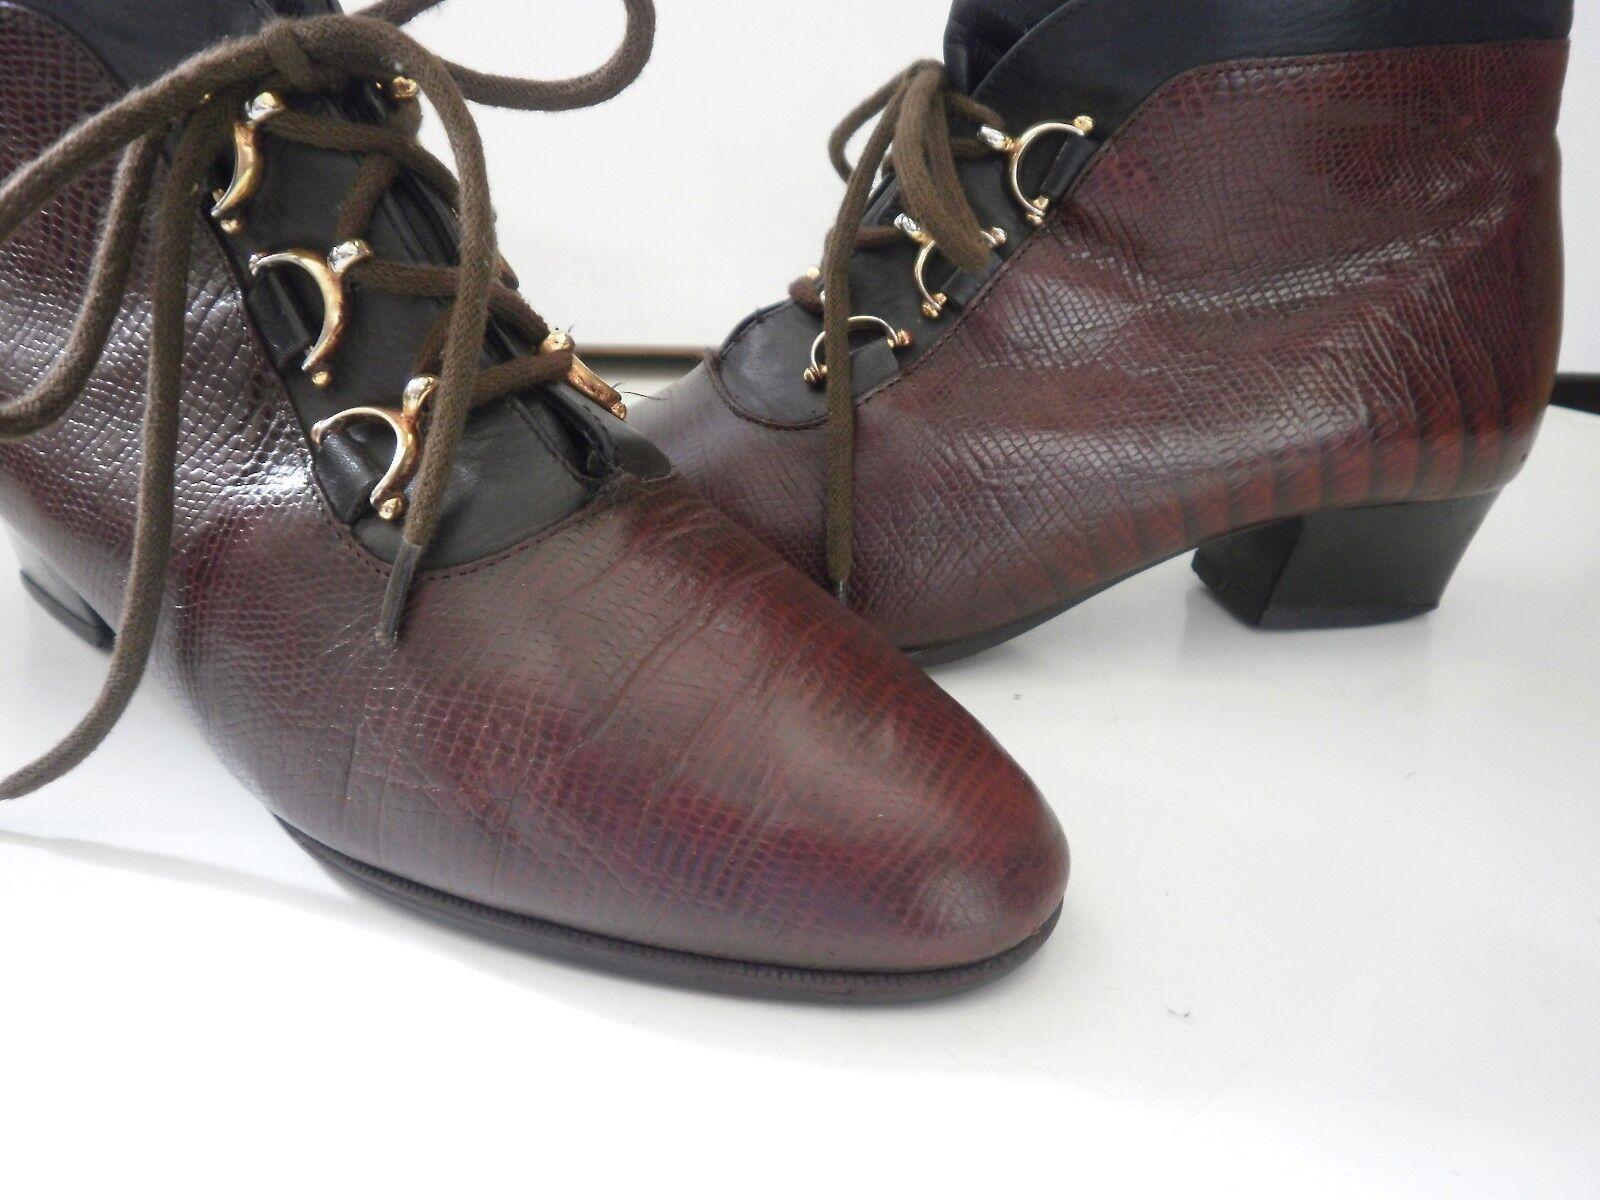 Schnürstiefel Stiefelette Damen Stiefel DORNDORF TRUE VINTAGE  ankle boot geprägt